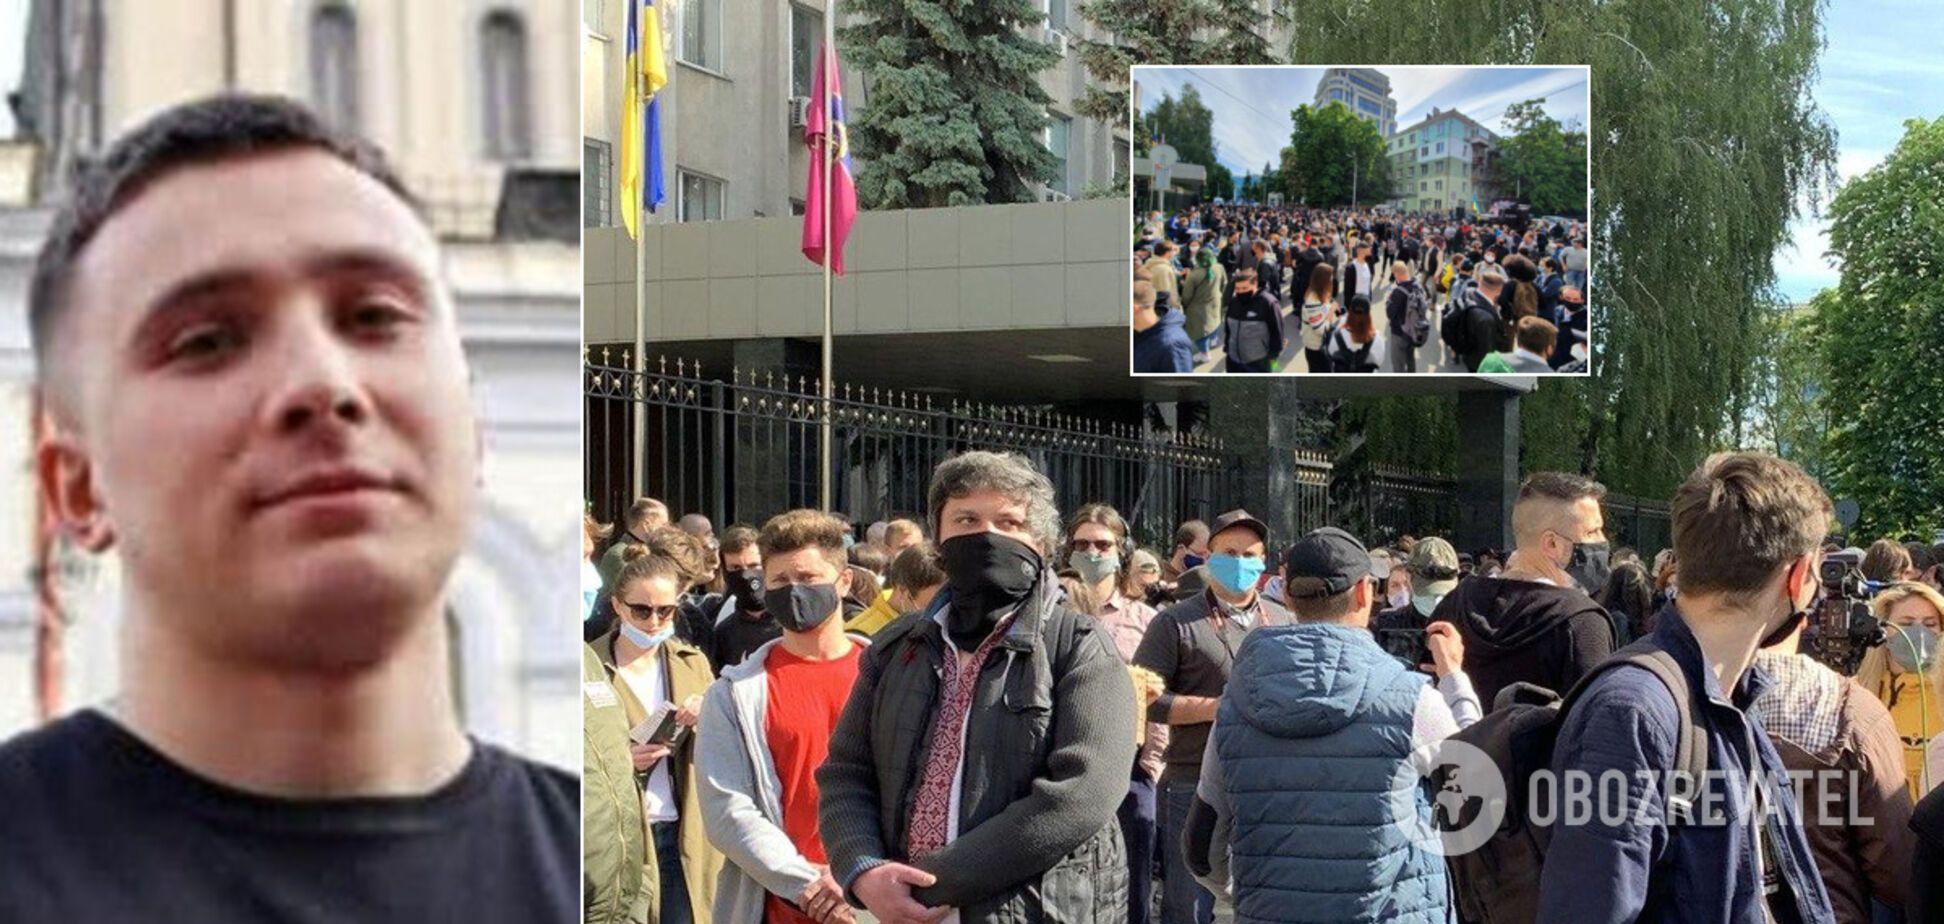 СБУ розкрила статус активіста Стерненка: під будівлею відбулася акція протесту. Фото і відео